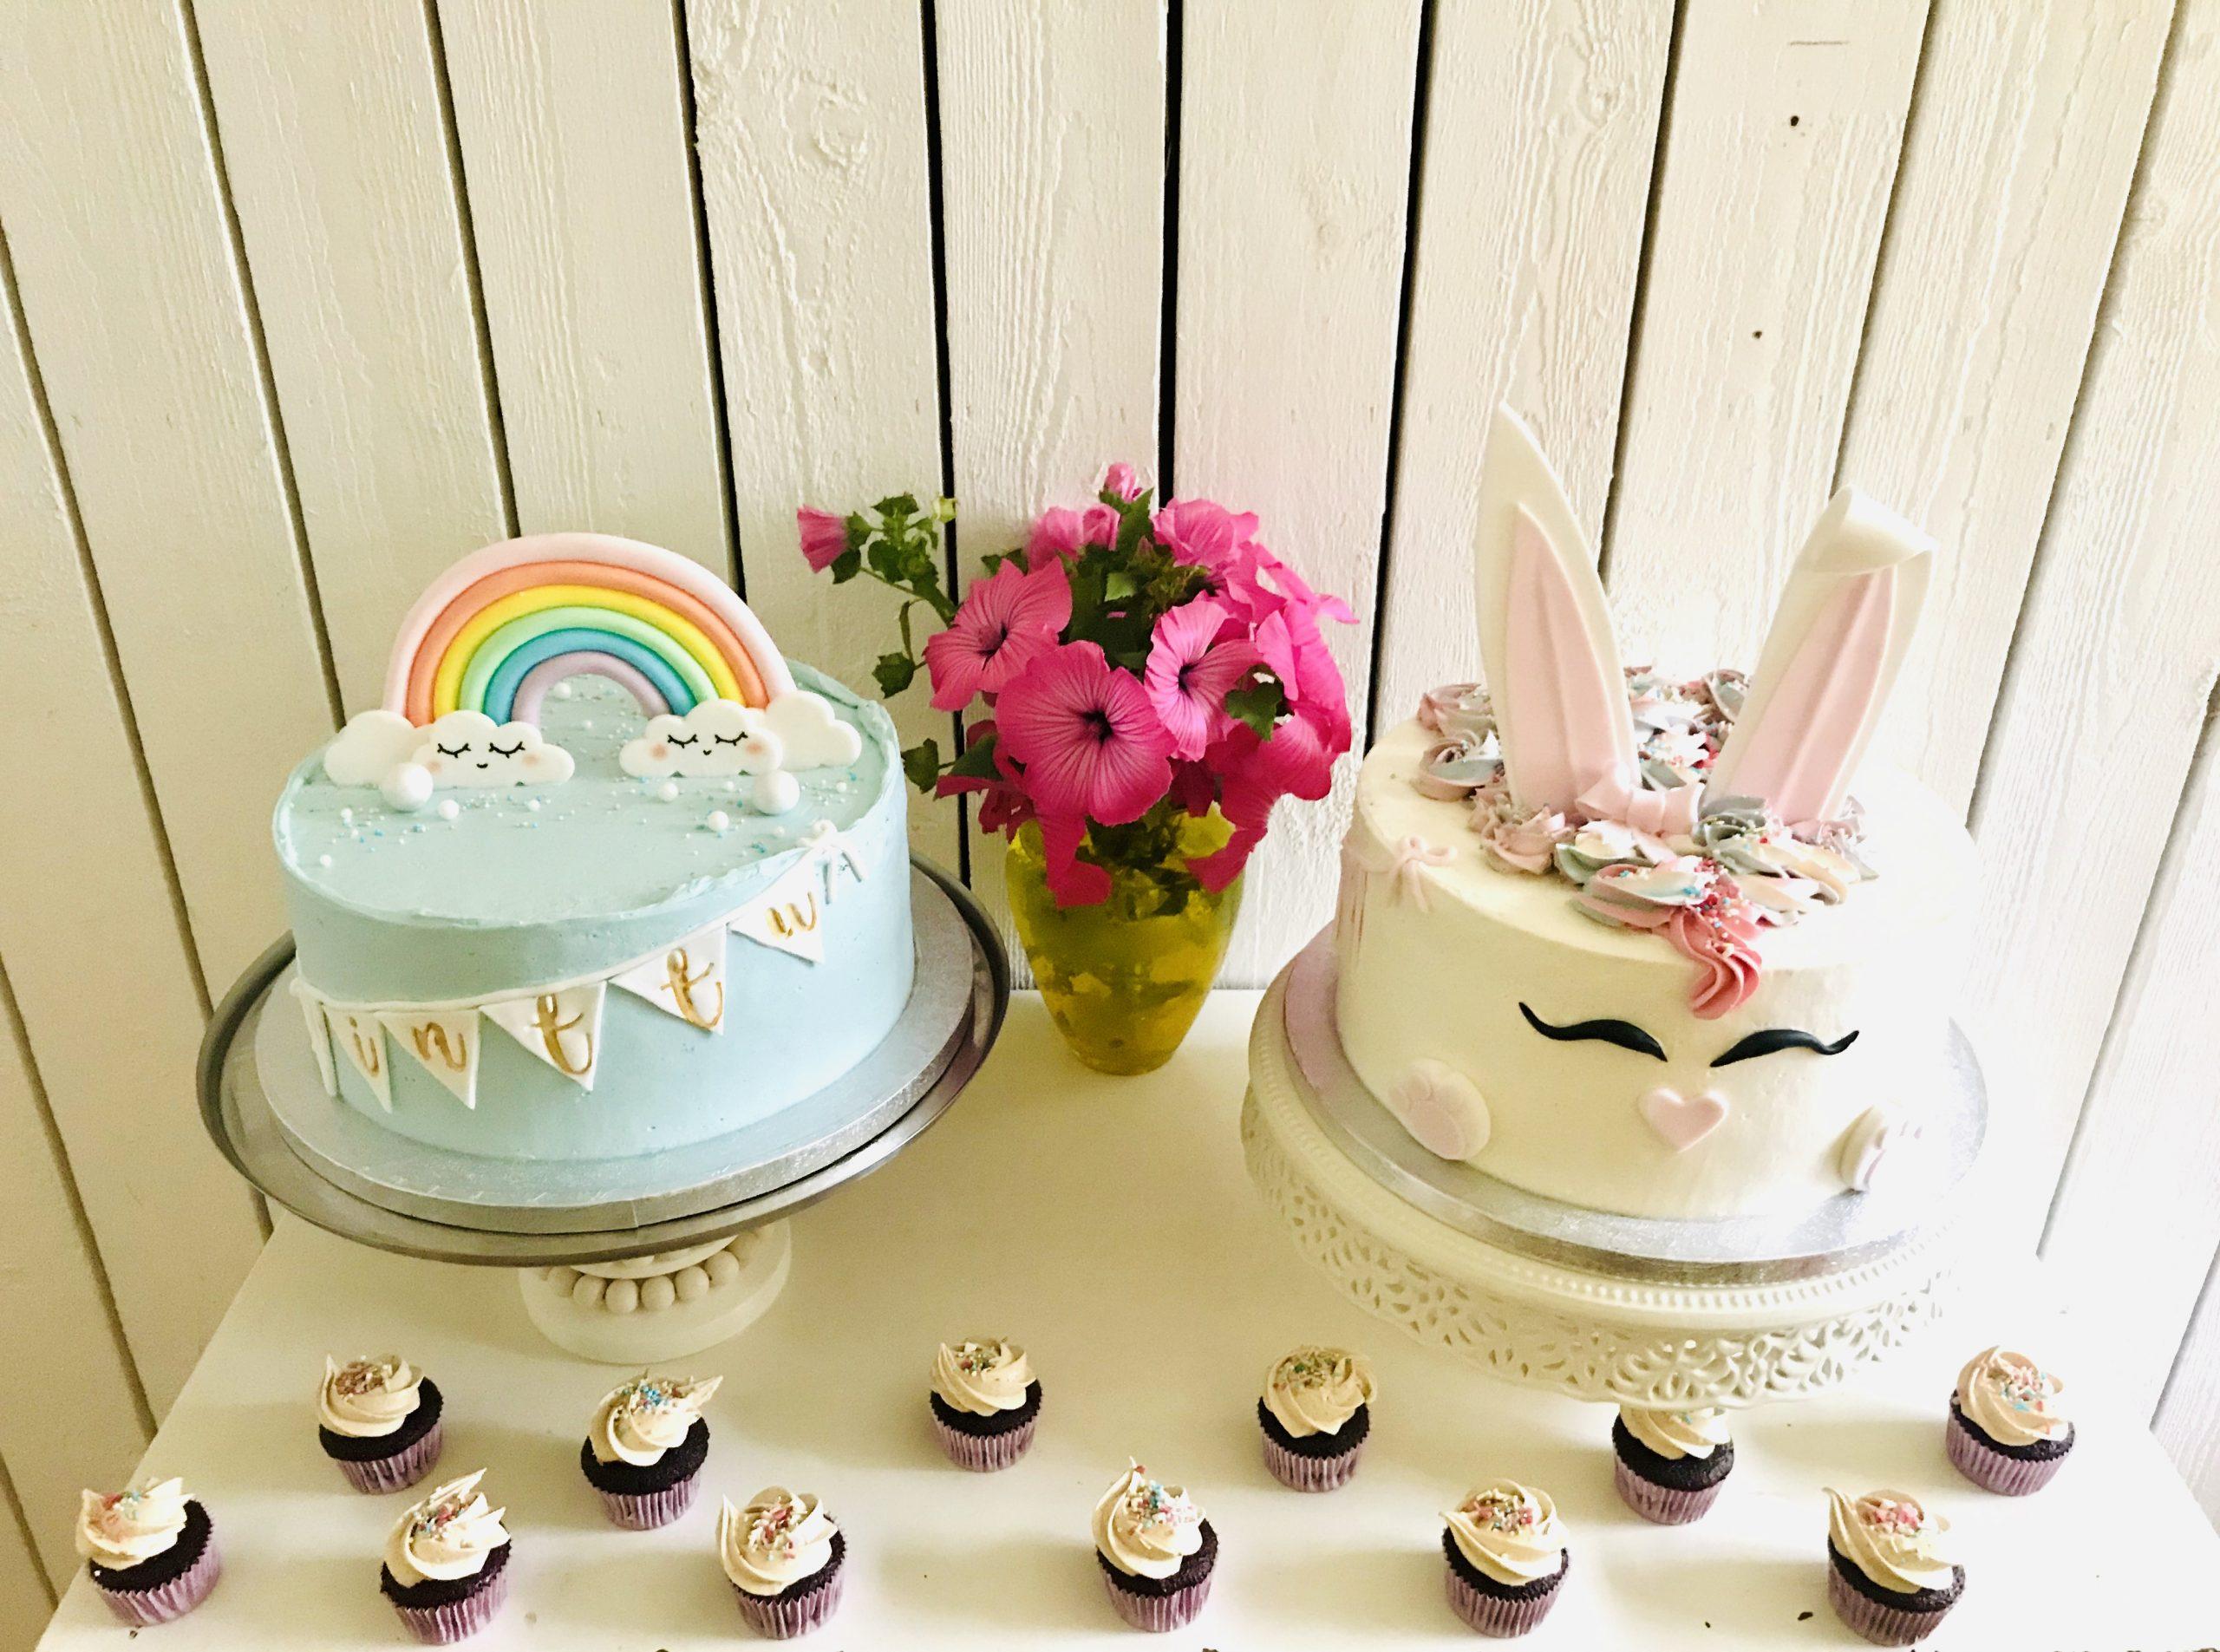 Elluyellow testaamassa Pilvilinnan leipomon herkullisia kakkuja ja kuppikakkuja